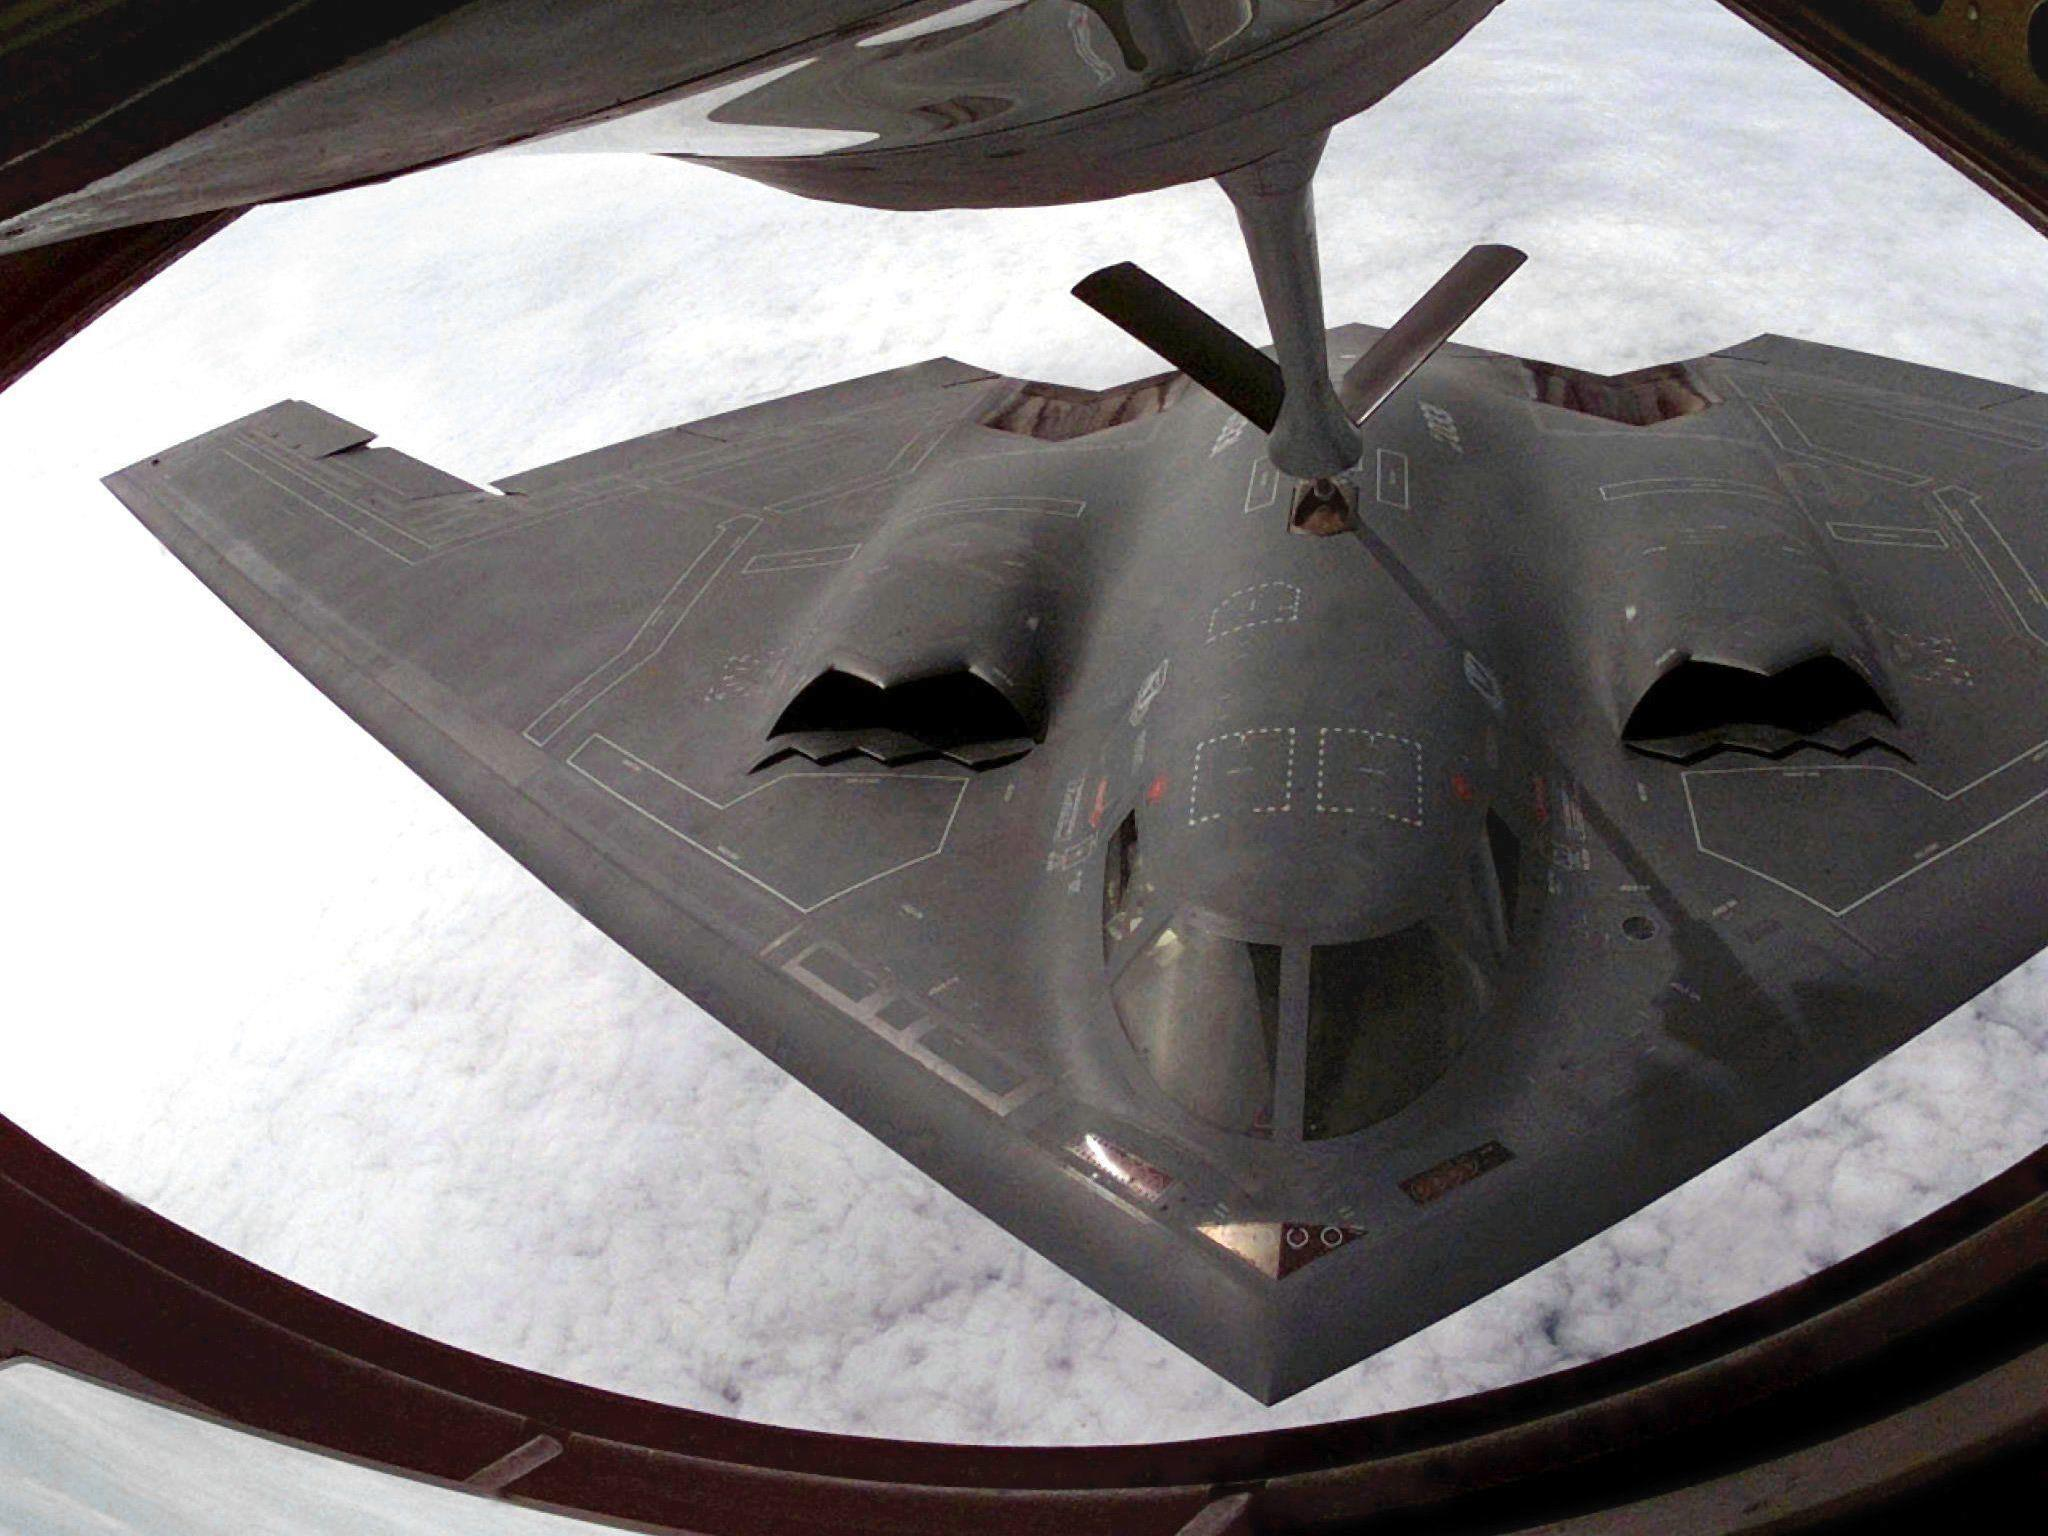 Maschinen vom Typ B-2 absolvieren Flug mit Munitionsattrappen.